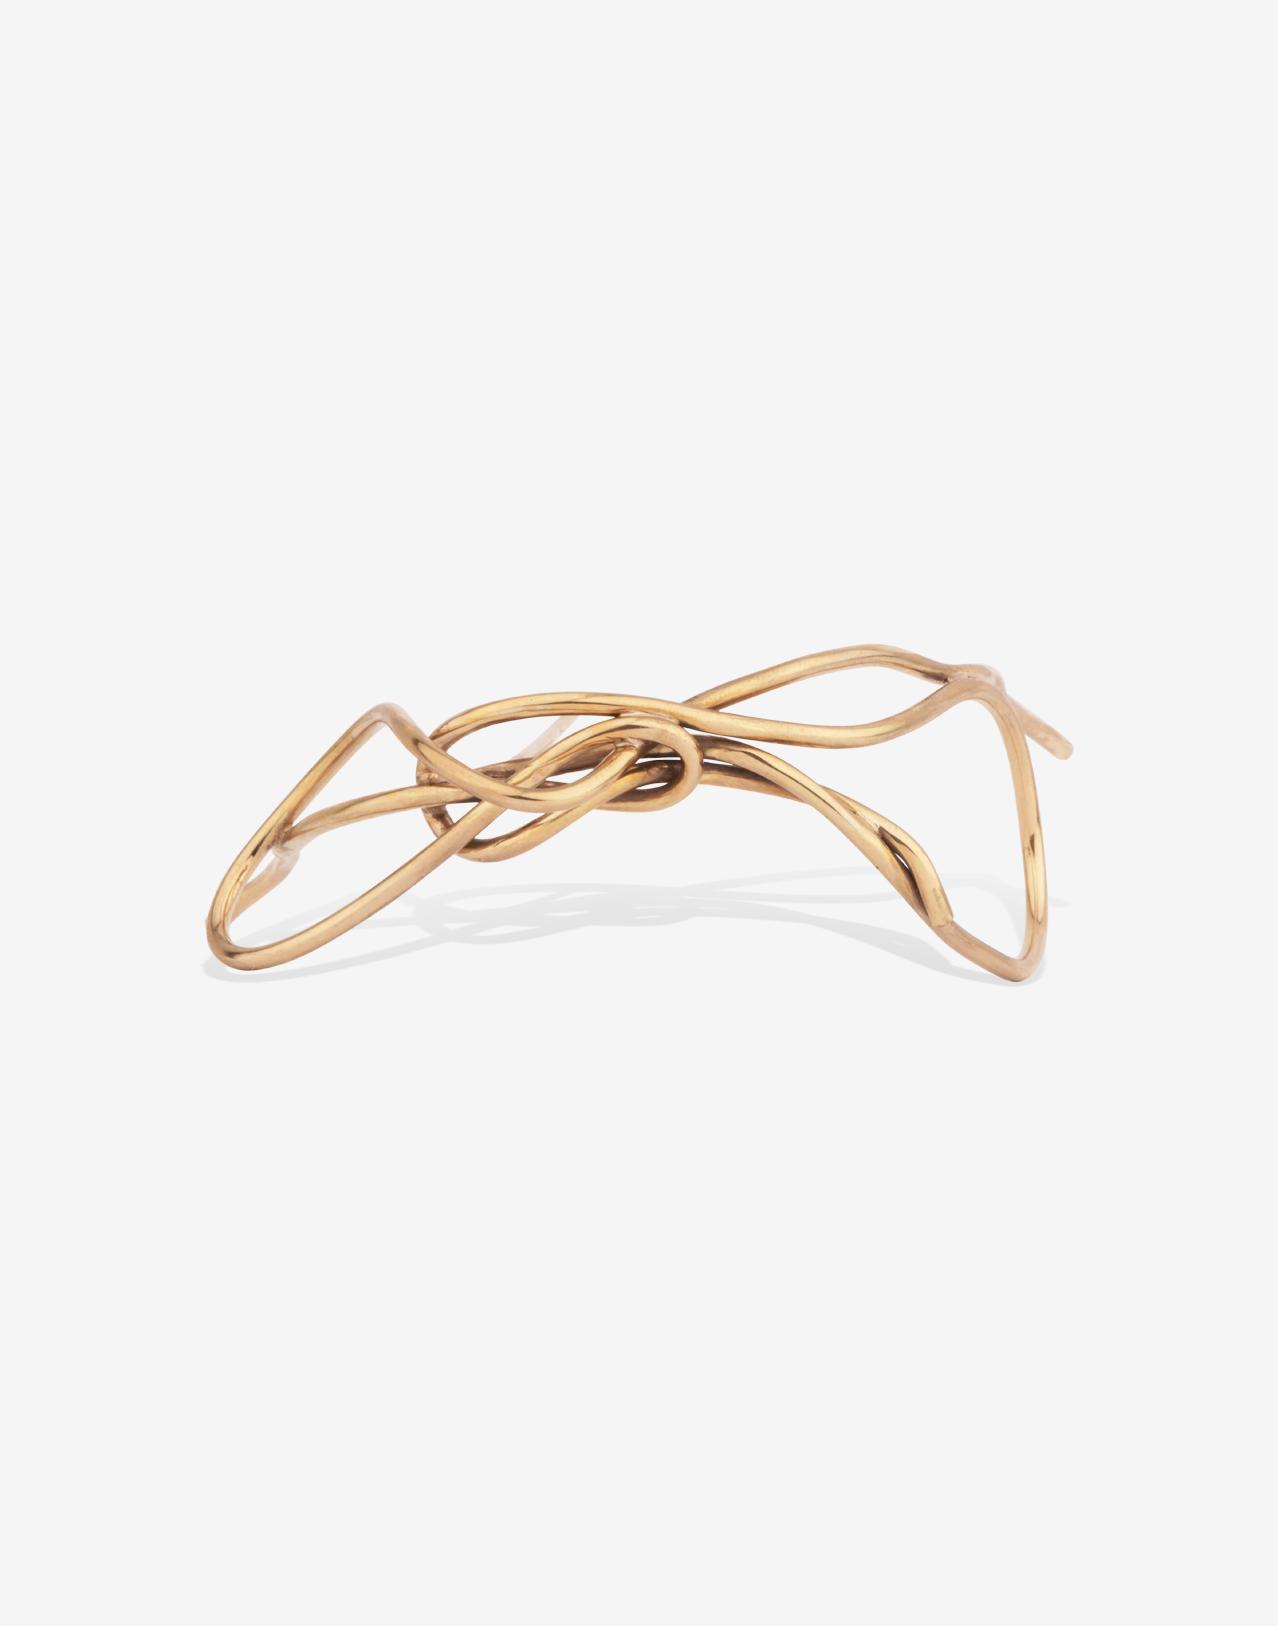 Completedworks-Tied-Silver-Bracelet-A1008-3.jpg